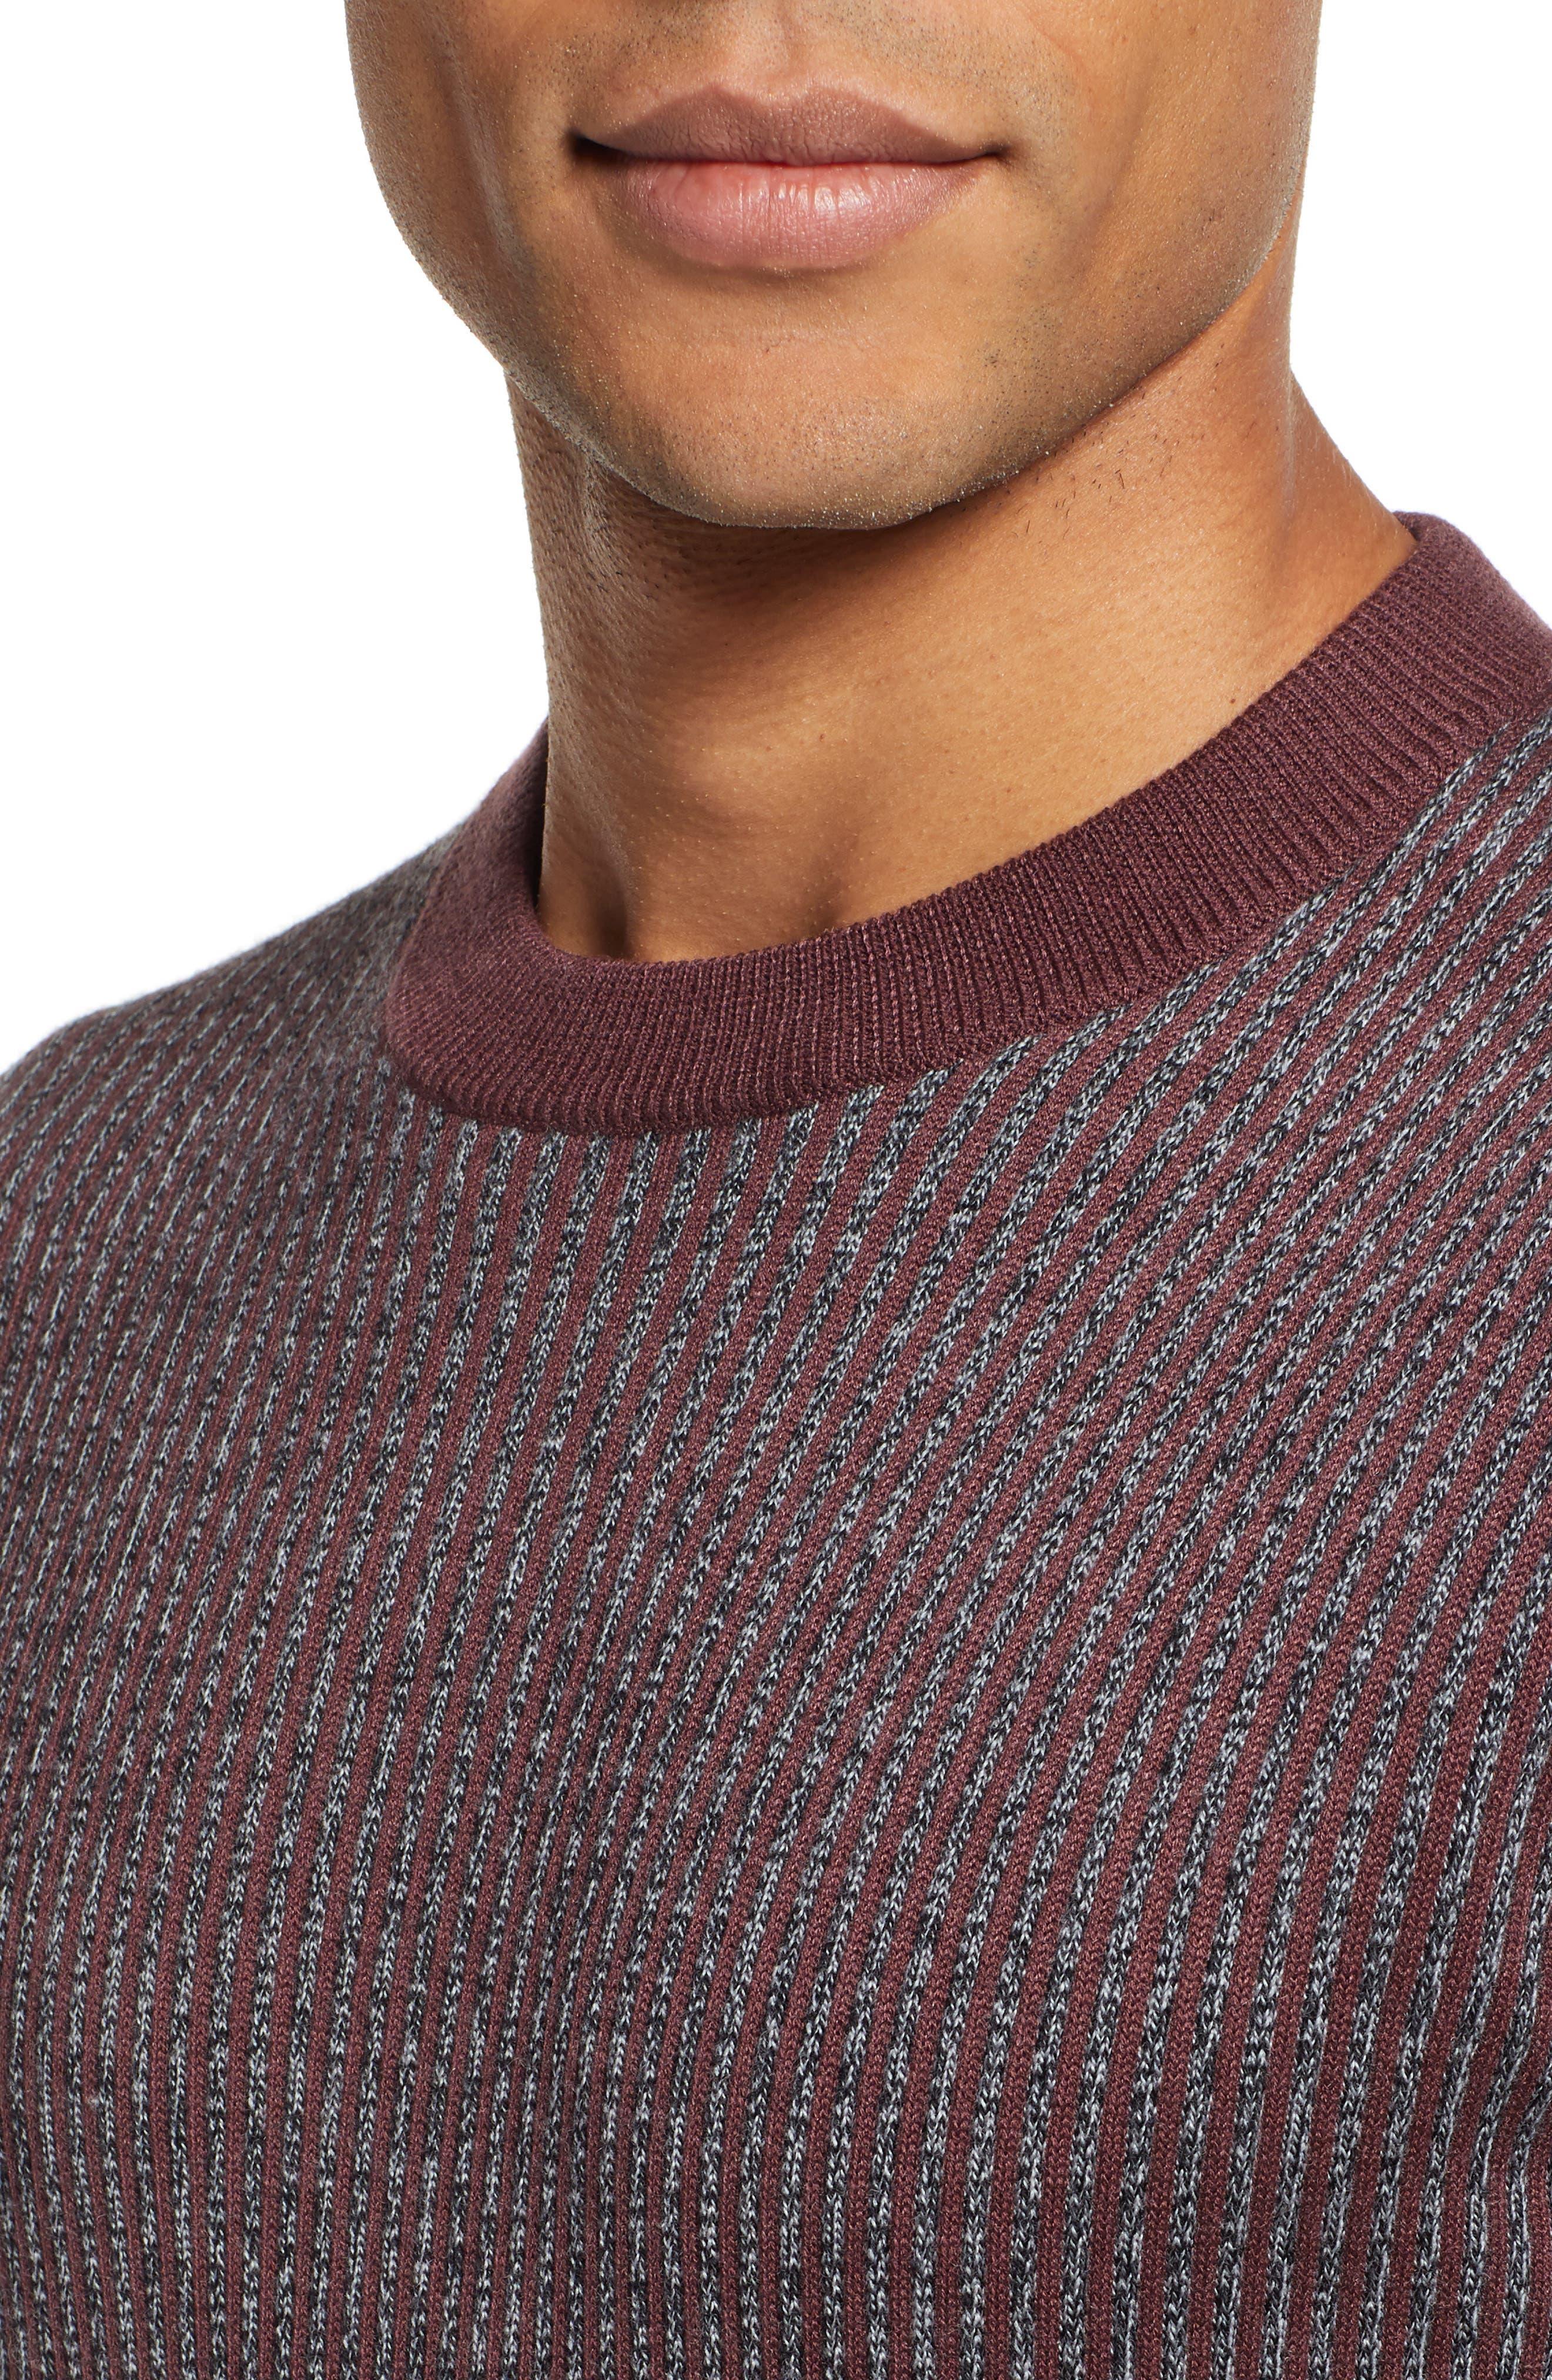 Jinxitt Crewneck Sweater,                             Alternate thumbnail 4, color,                             DEEP-PINK